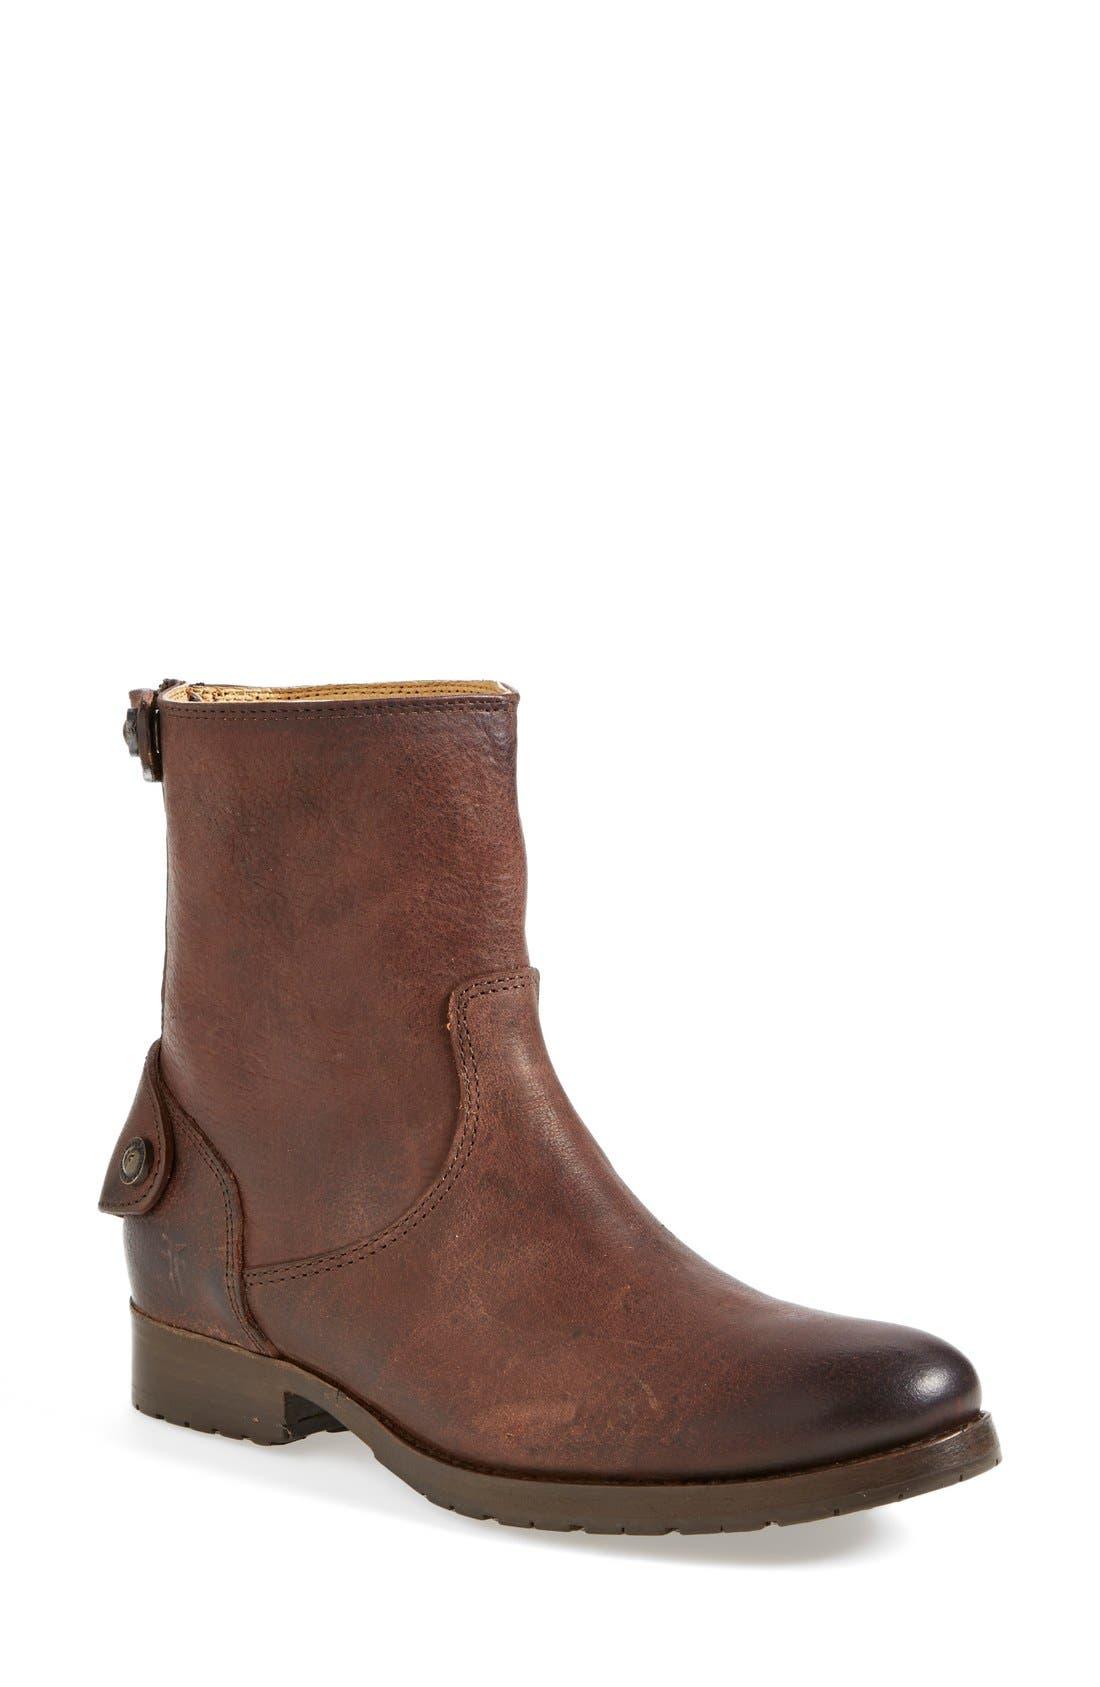 Alternate Image 1 Selected - Frye 'Melissa' Short Boot (Women)